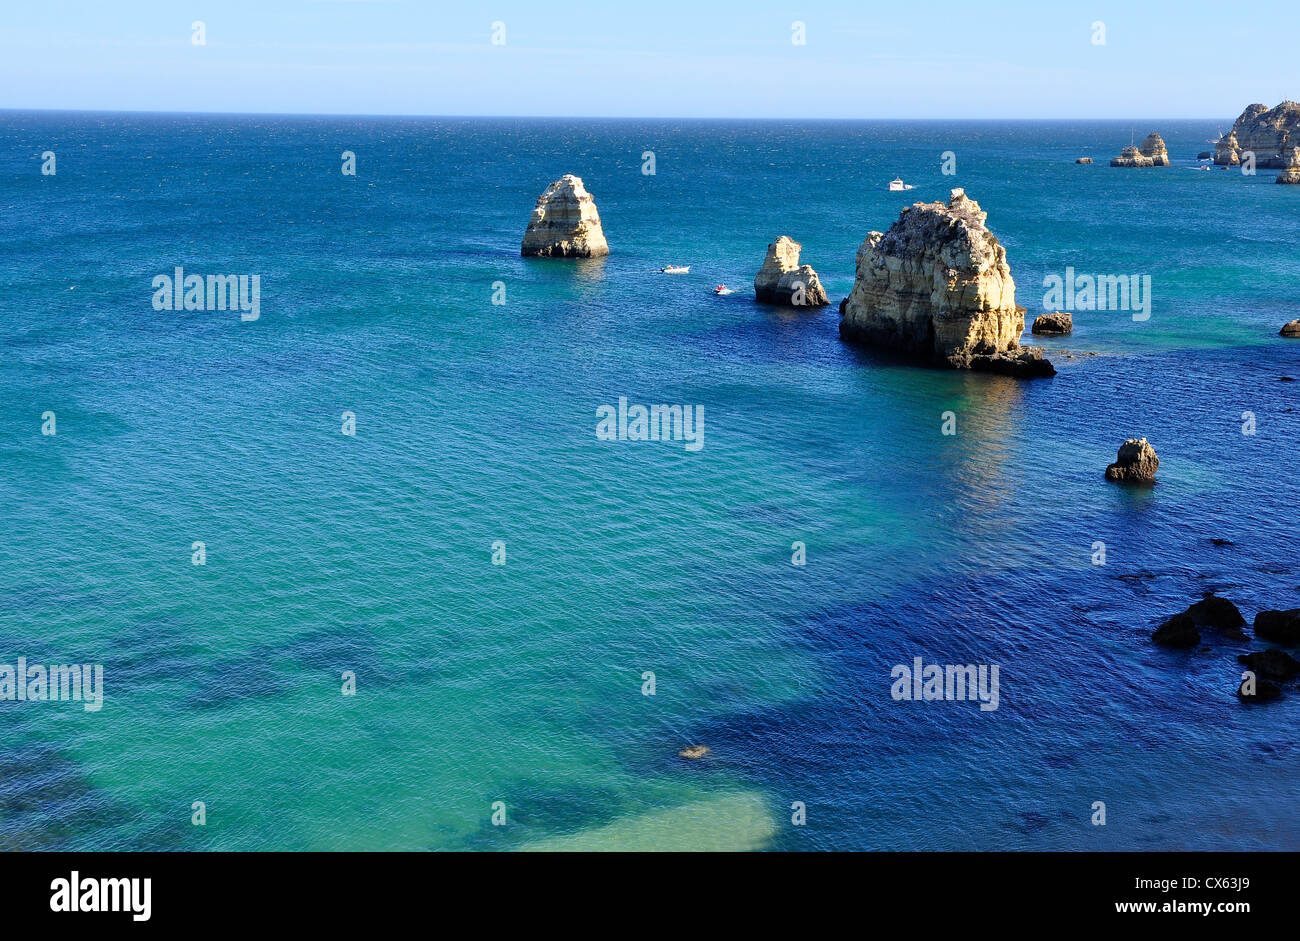 Seascape of Ponta da Piedade in Algarve, Portugal Stock Photo